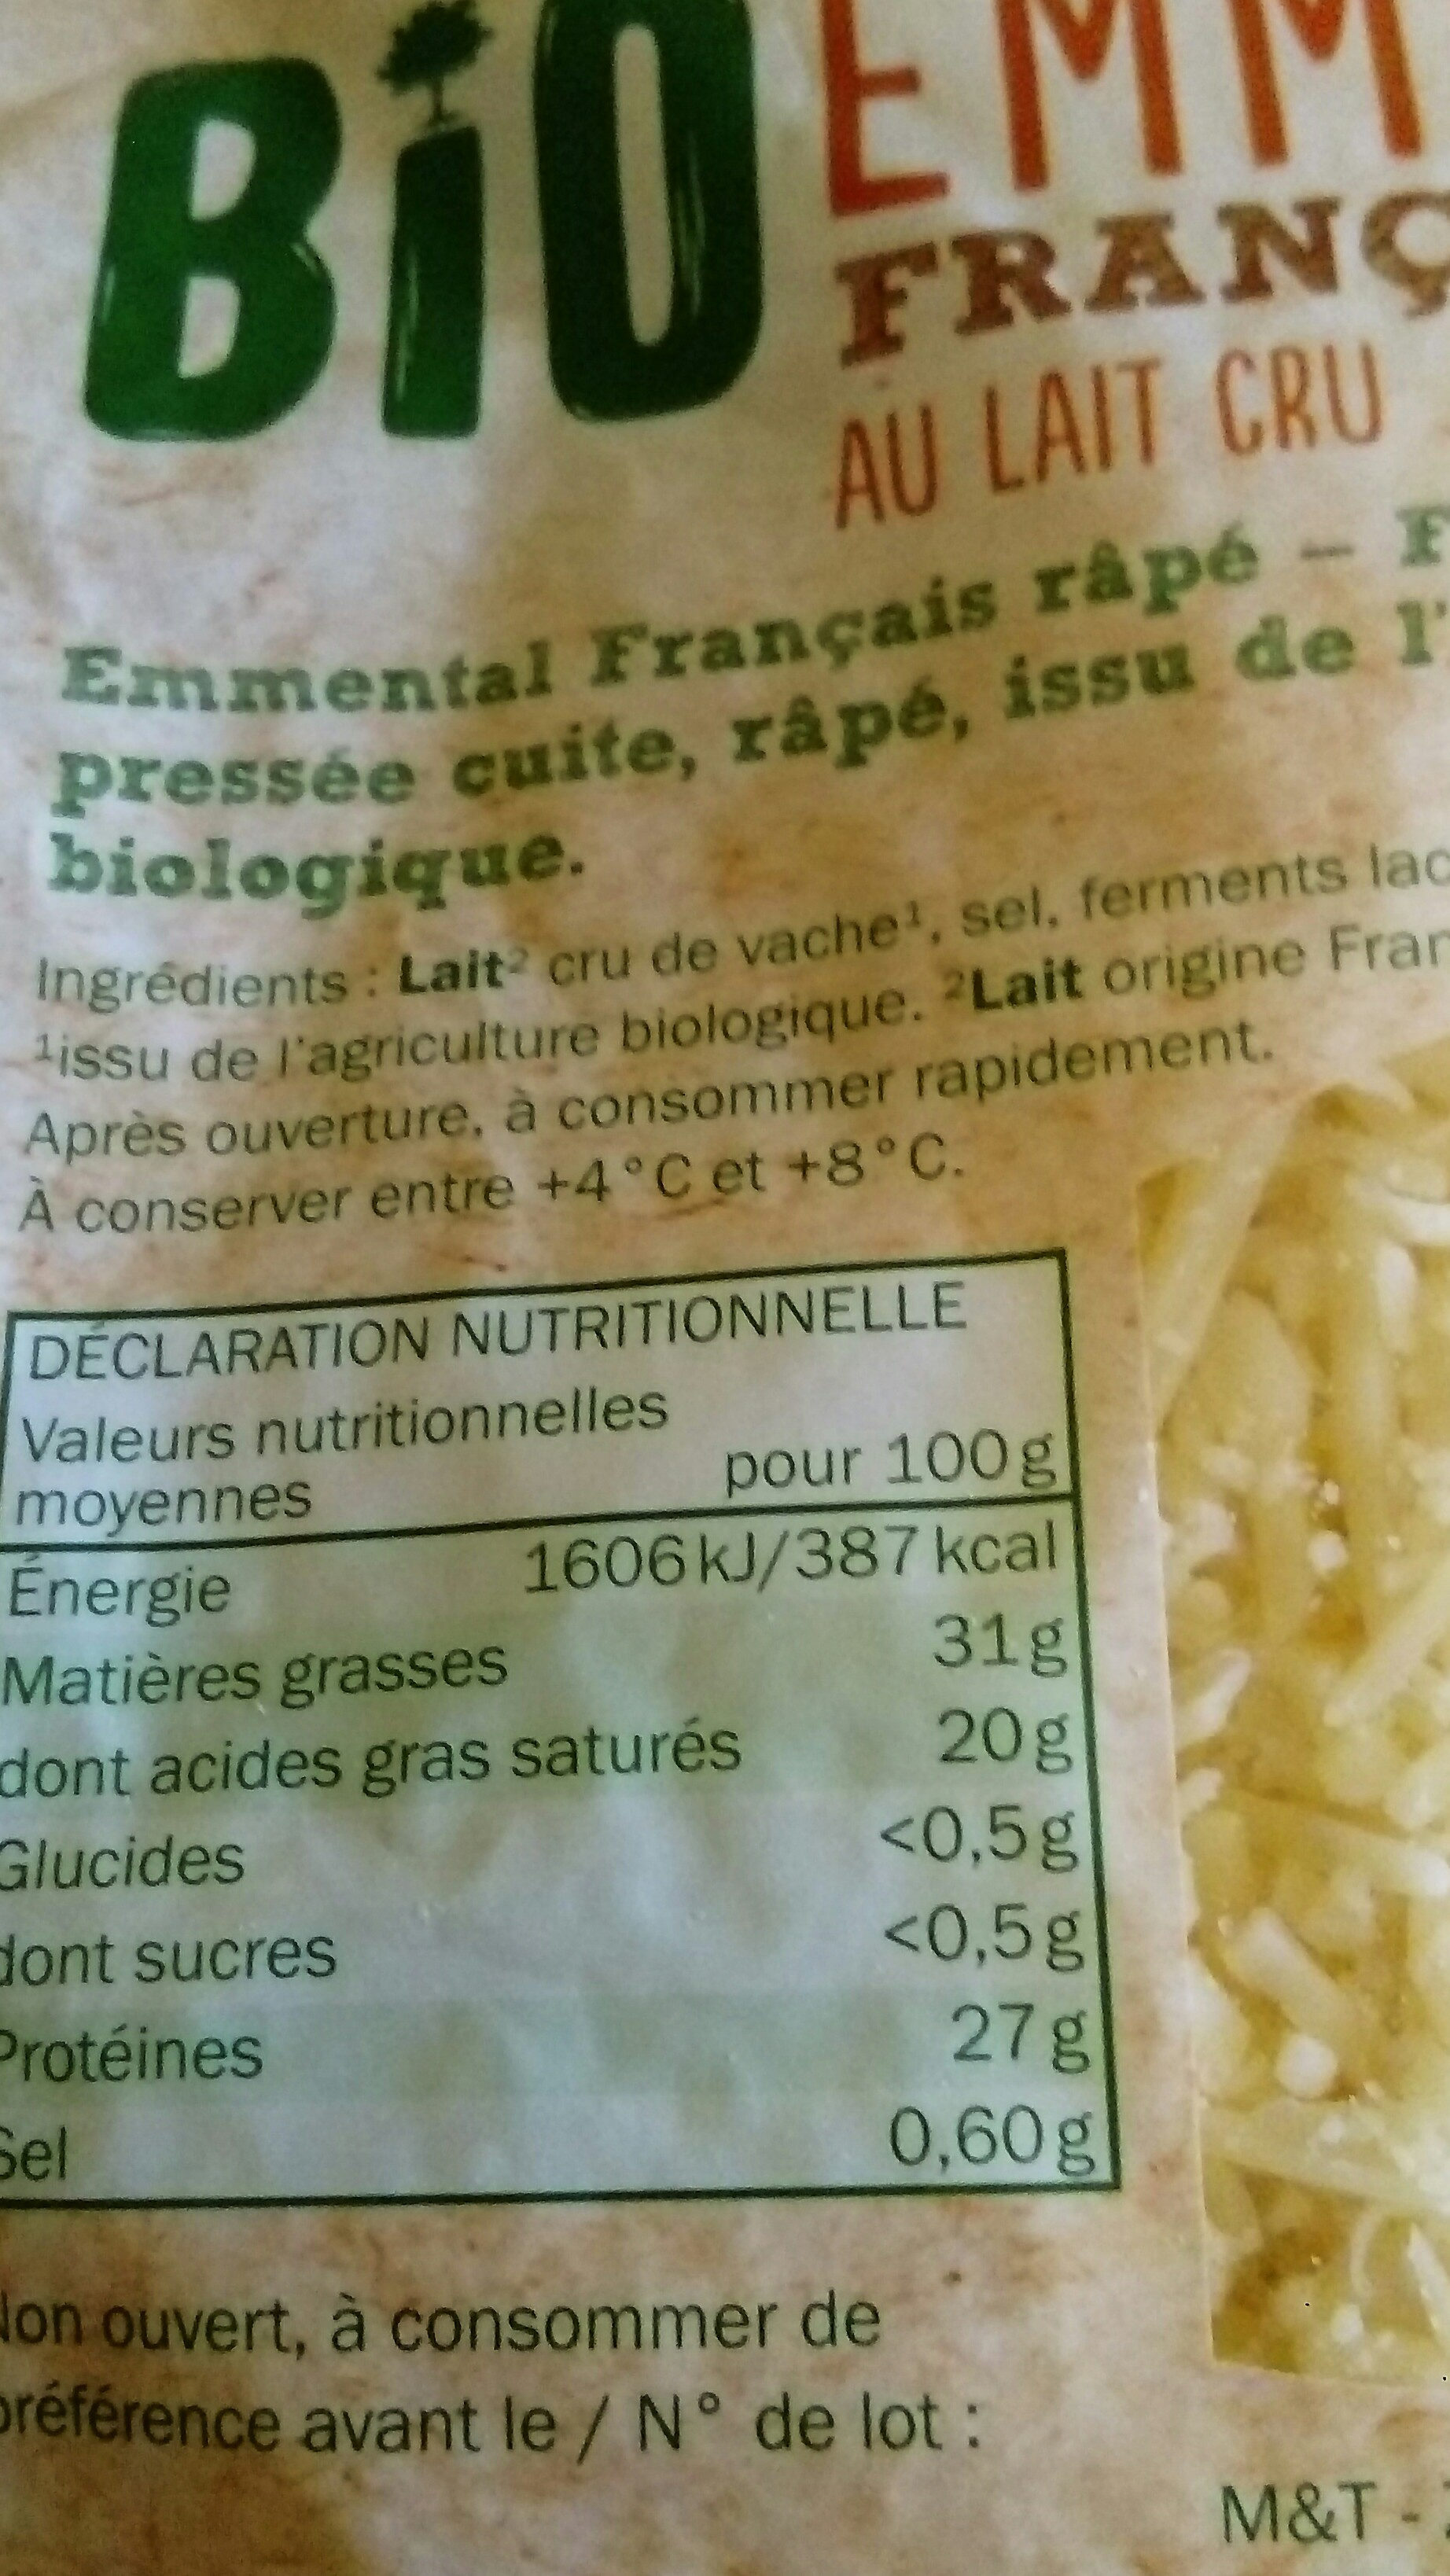 Bio Emmental Français Rapé - Informations nutritionnelles